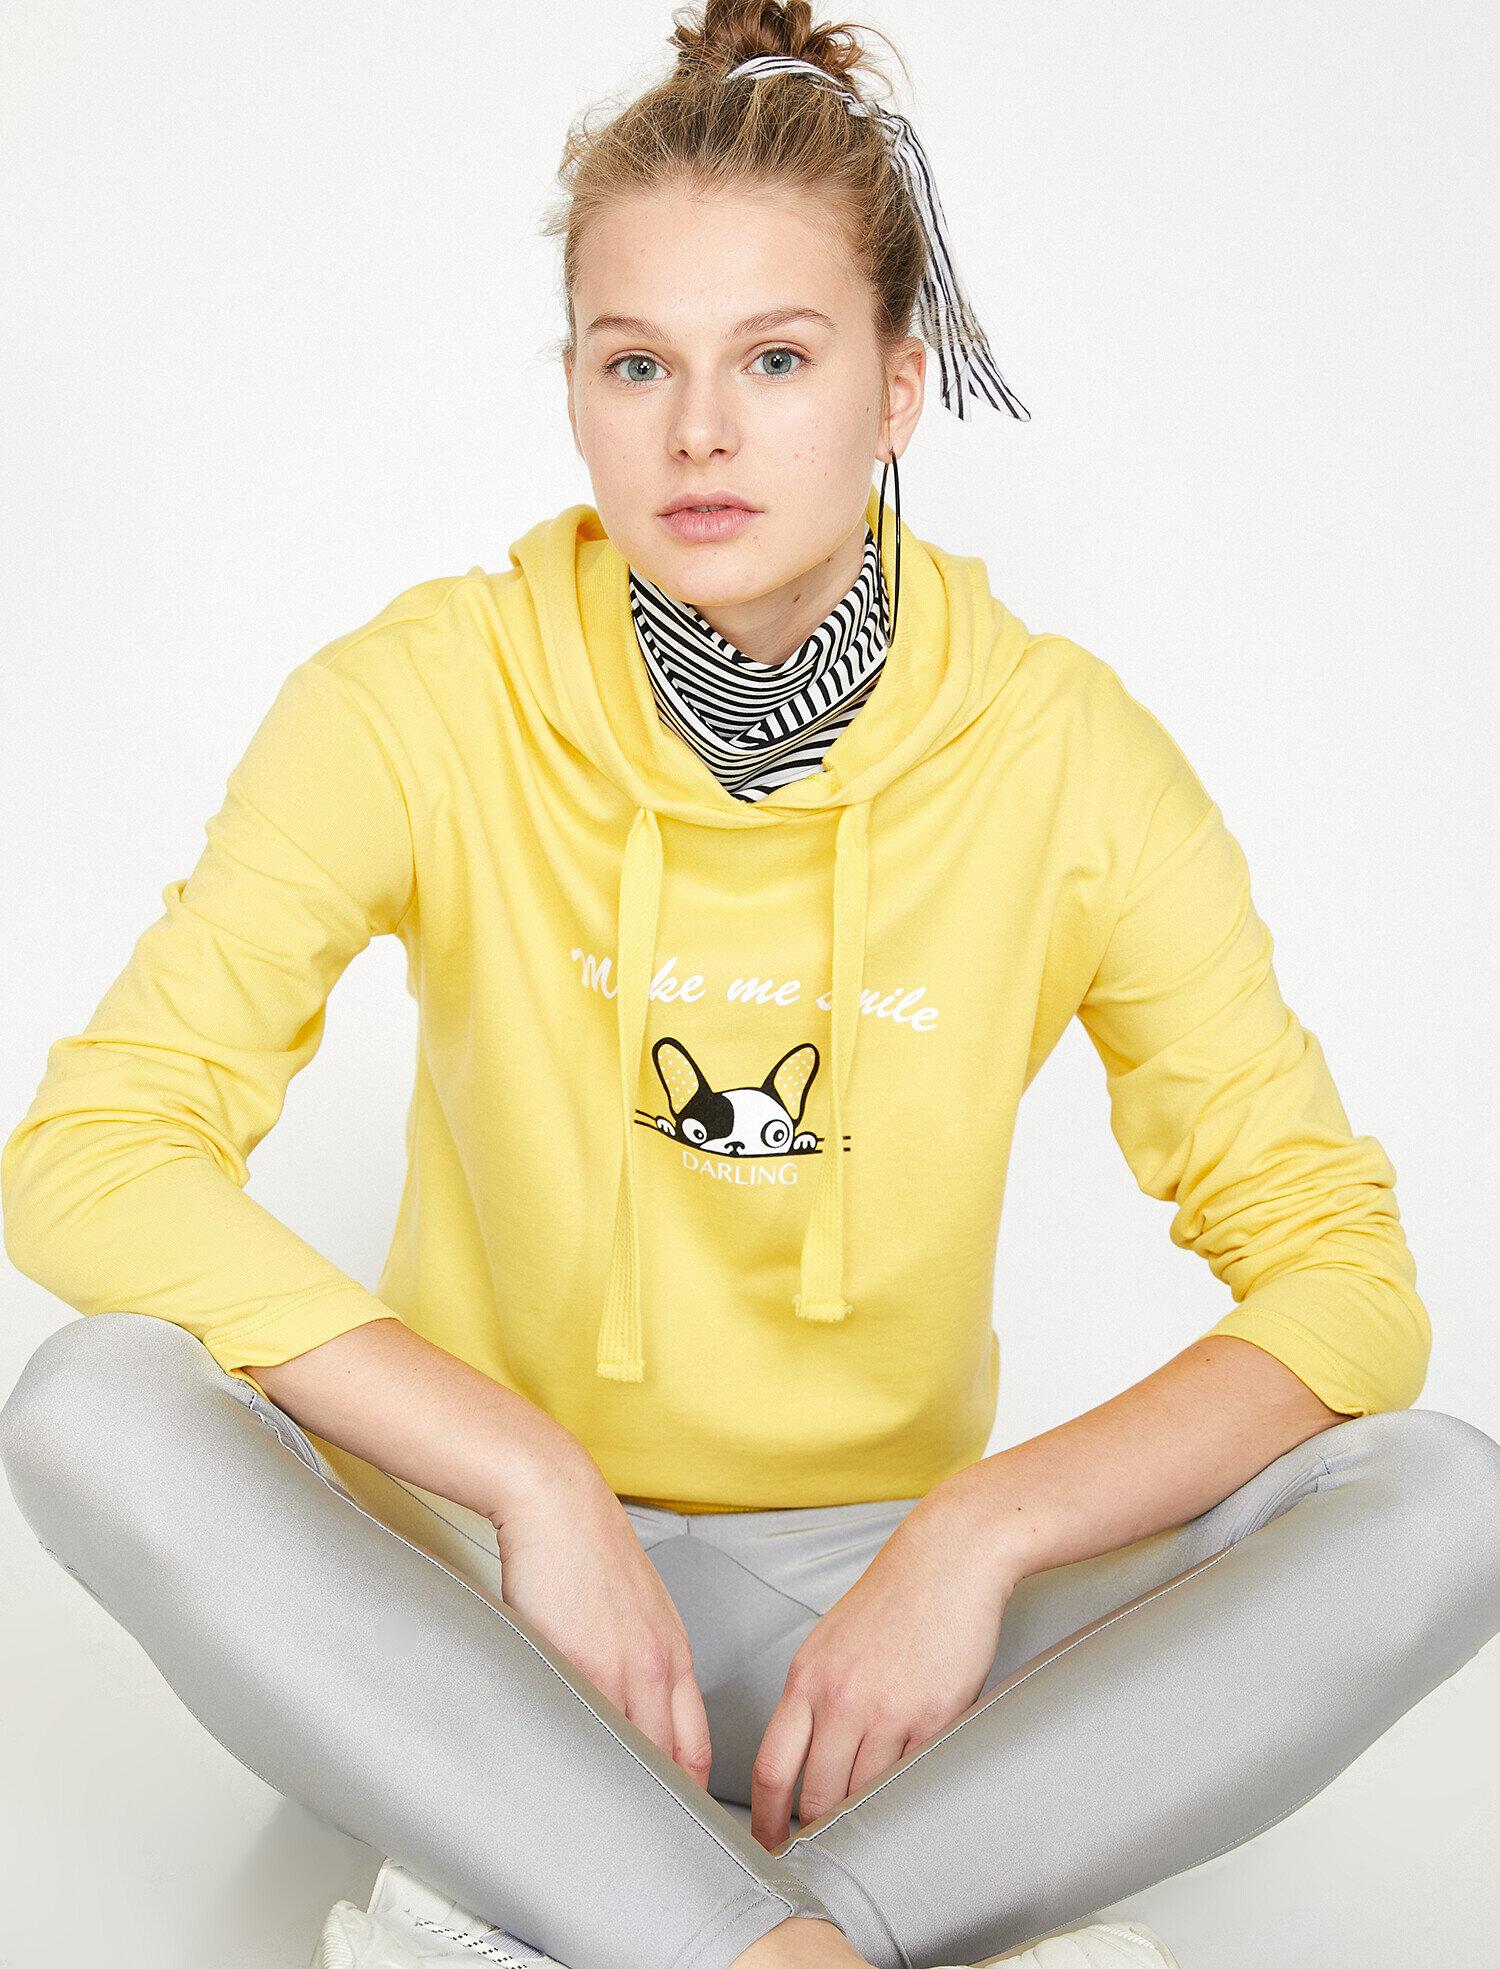 Koton Kadın Baskili Sweatshirt Sarı Ürün Resmi